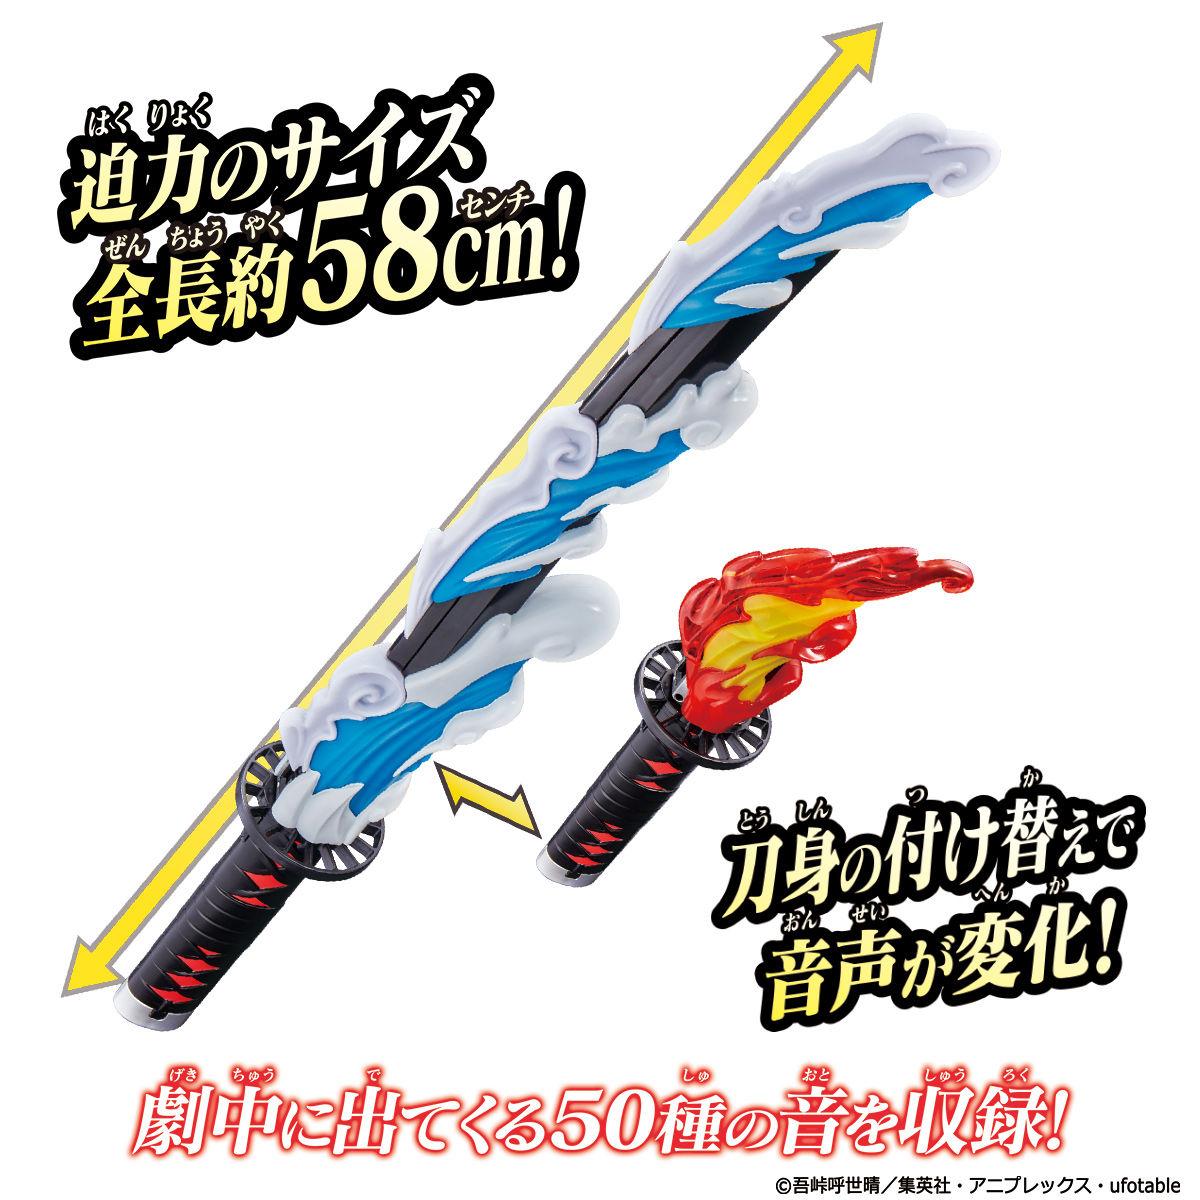 【限定再販】鬼滅の刃『DX日輪刀』変身なりきり-002